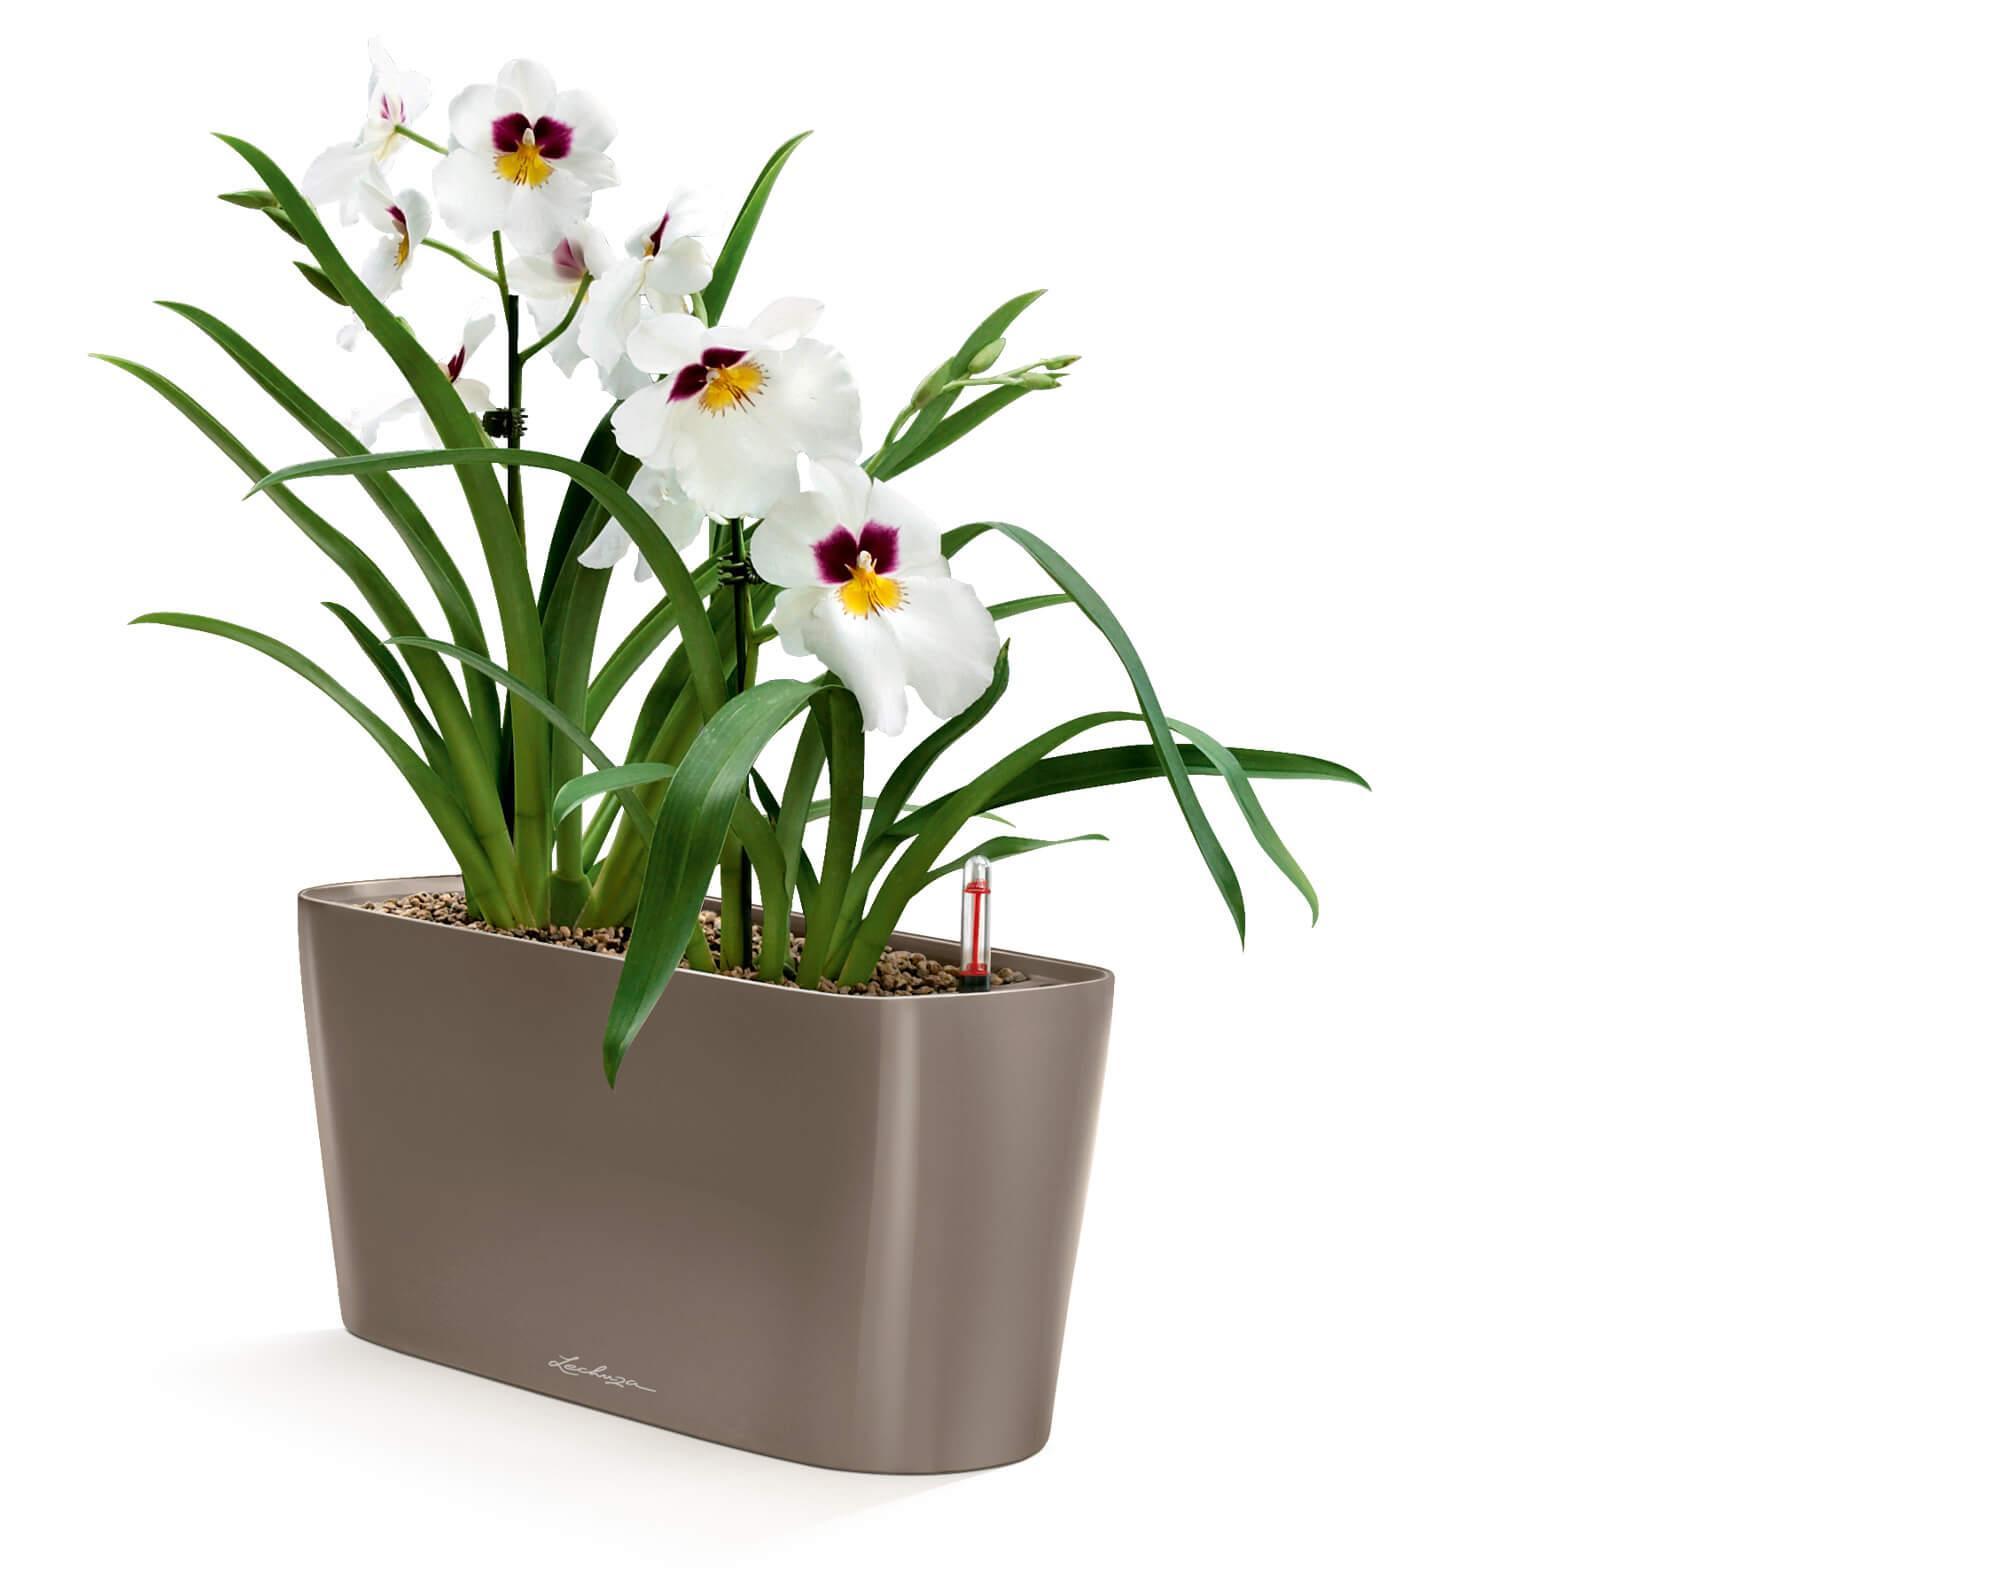 Conseils Et Astuces Pour Prendre Soin Des Orchidees